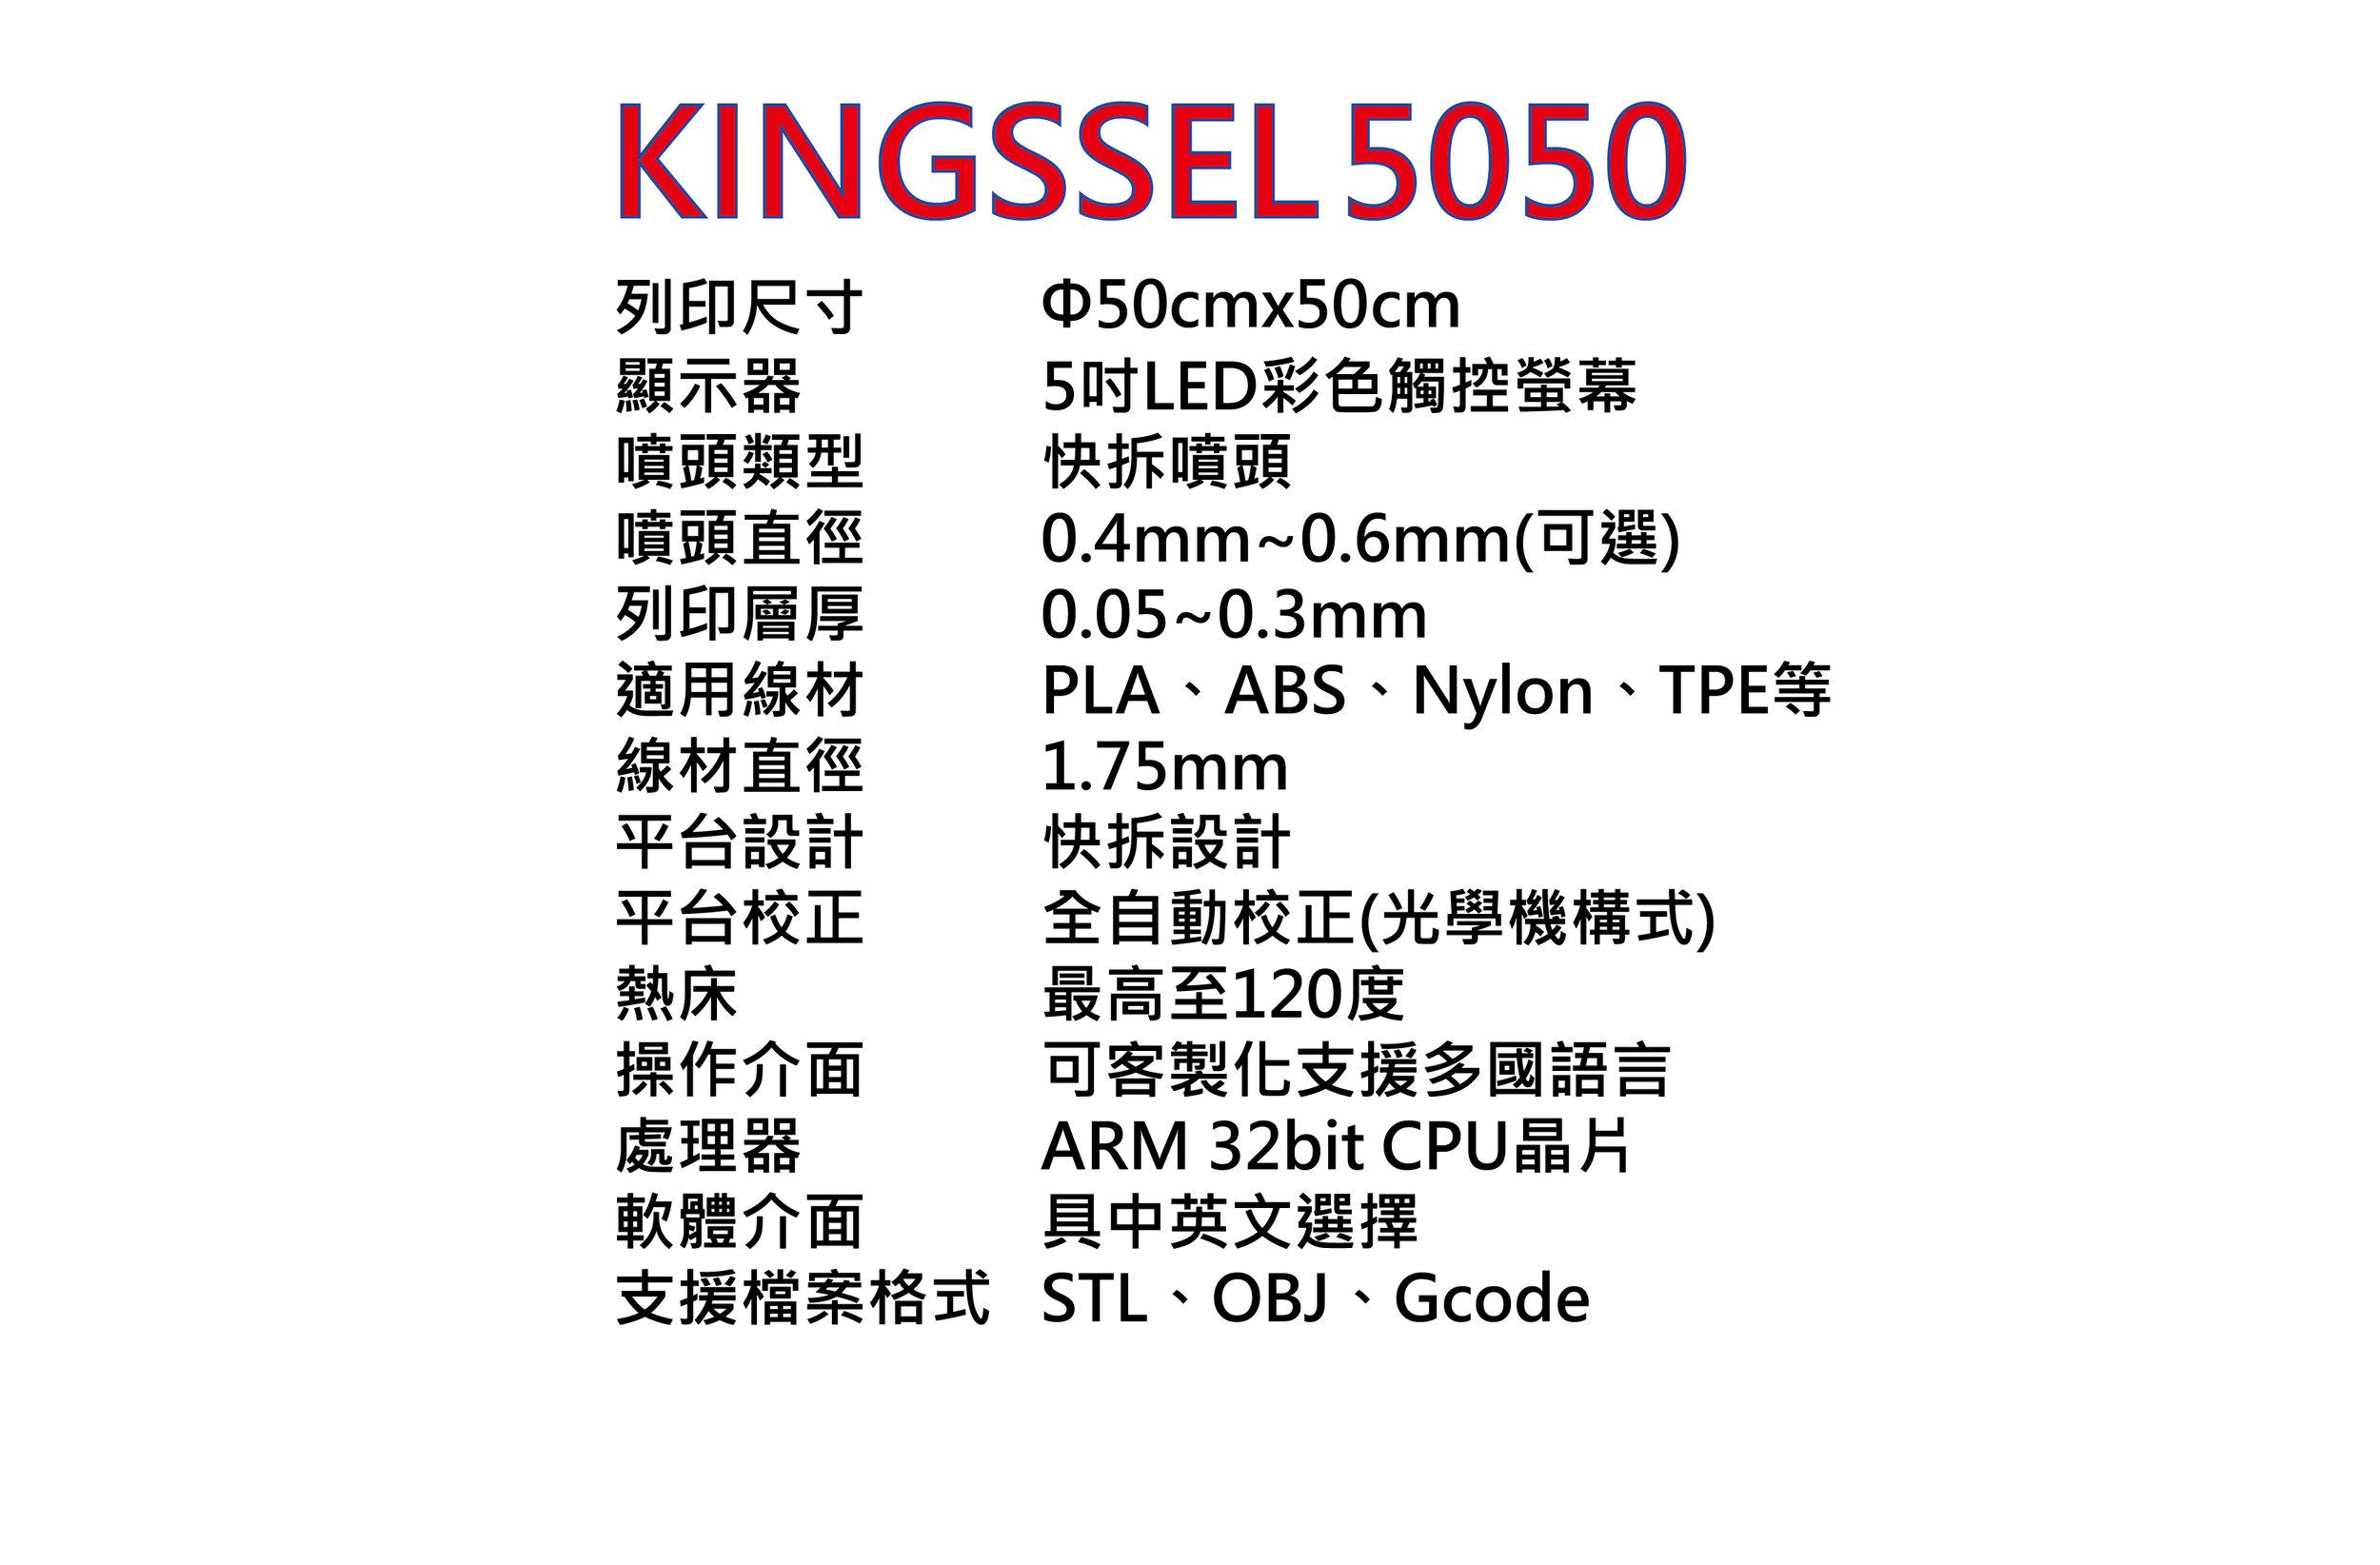 kingssel5050規格.jpg